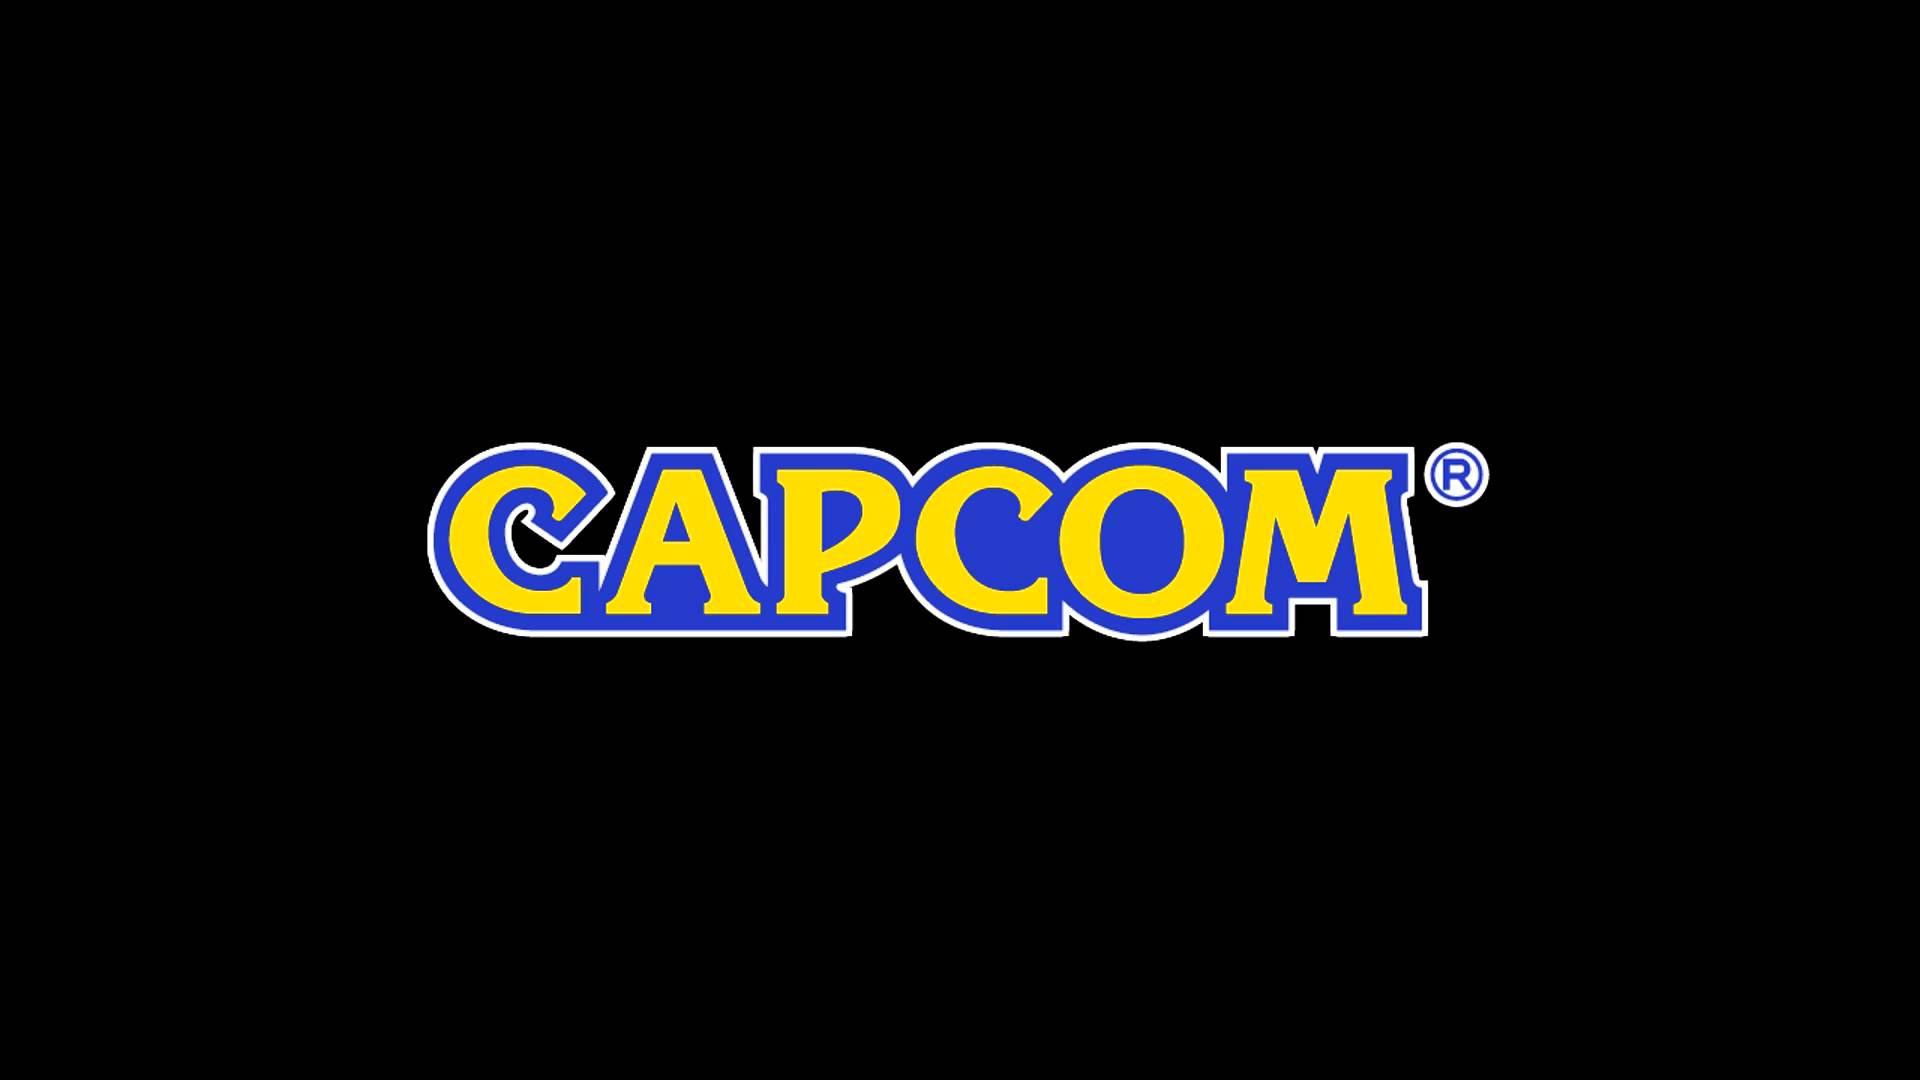 El 80% de las ventas de Capcom ya son digitales 5